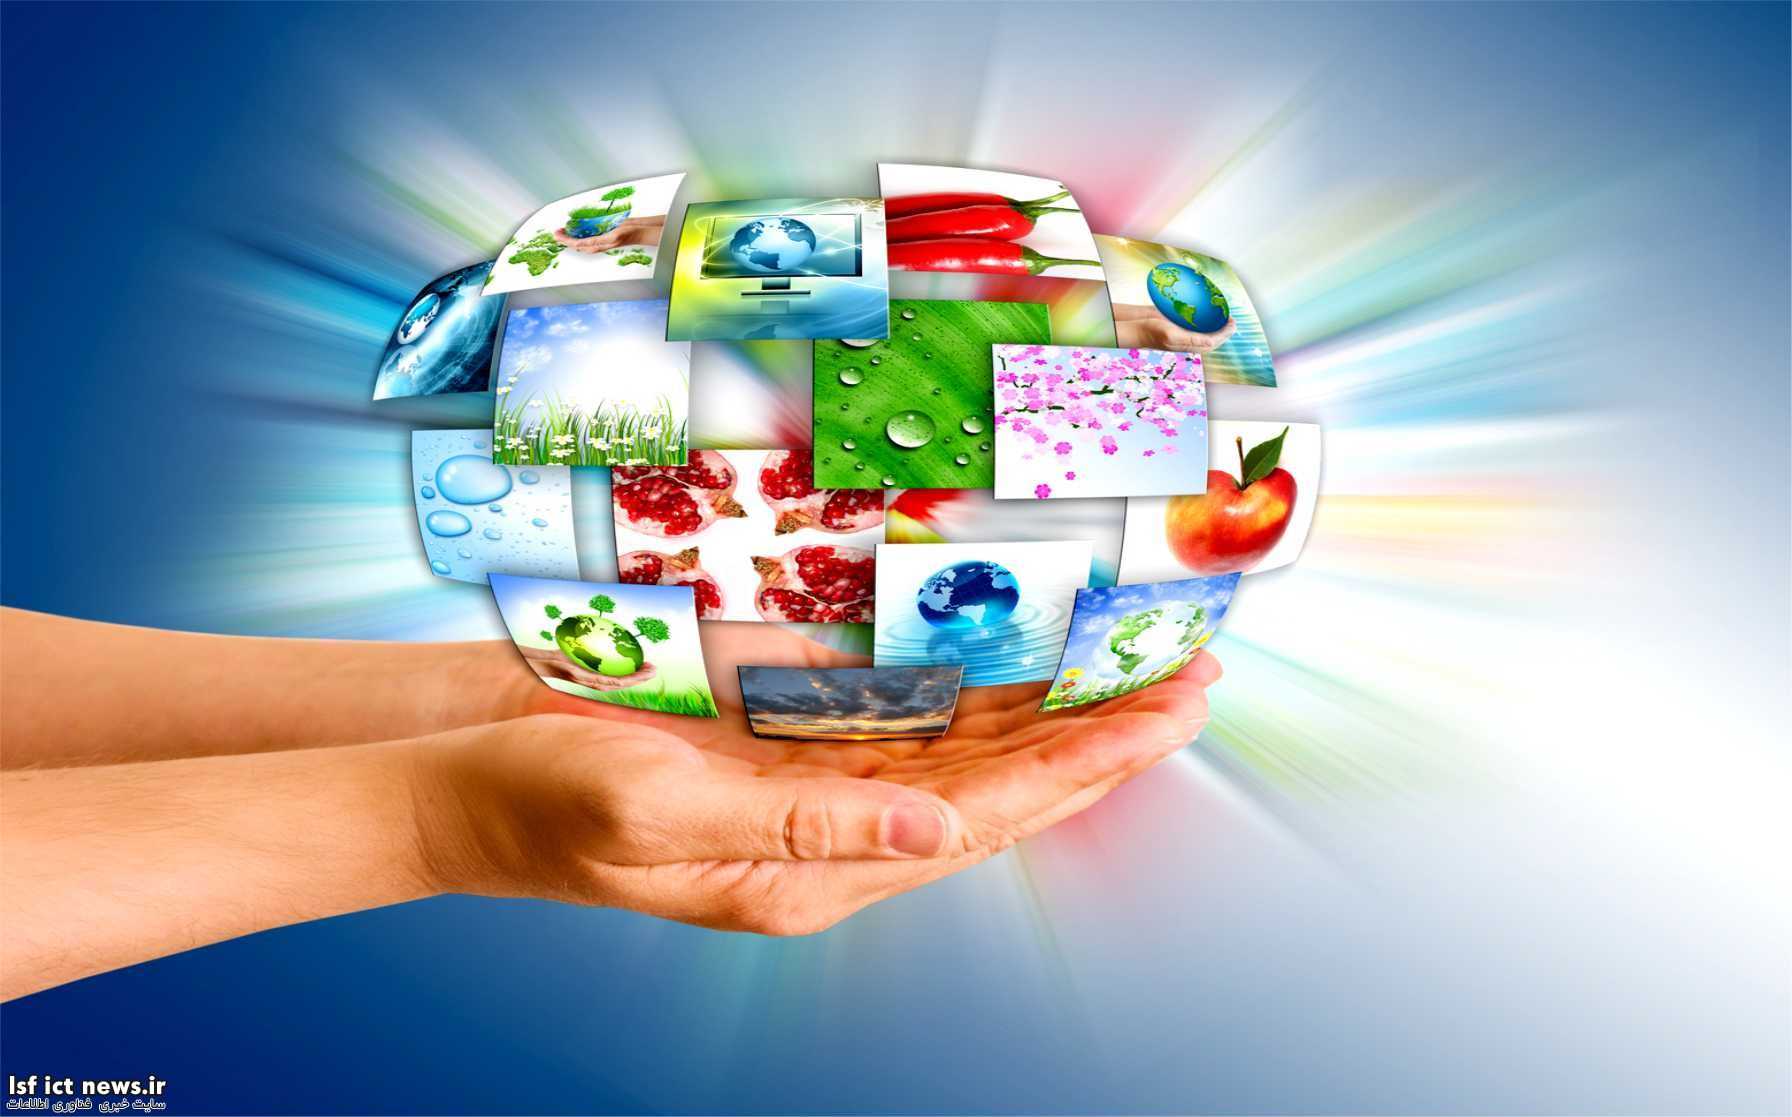 اعطای لوگوی هوشمند به تمامی وب سایت های ایرانی